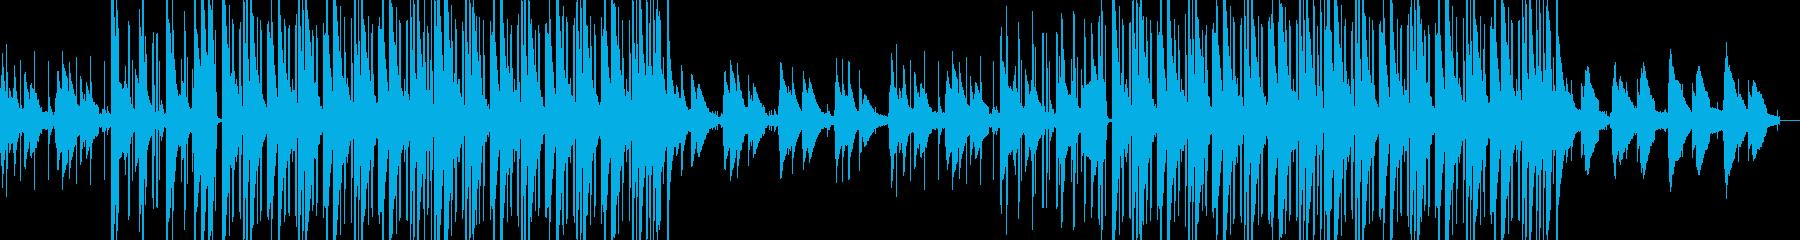 穏やかなLo-Fi HipHopの再生済みの波形